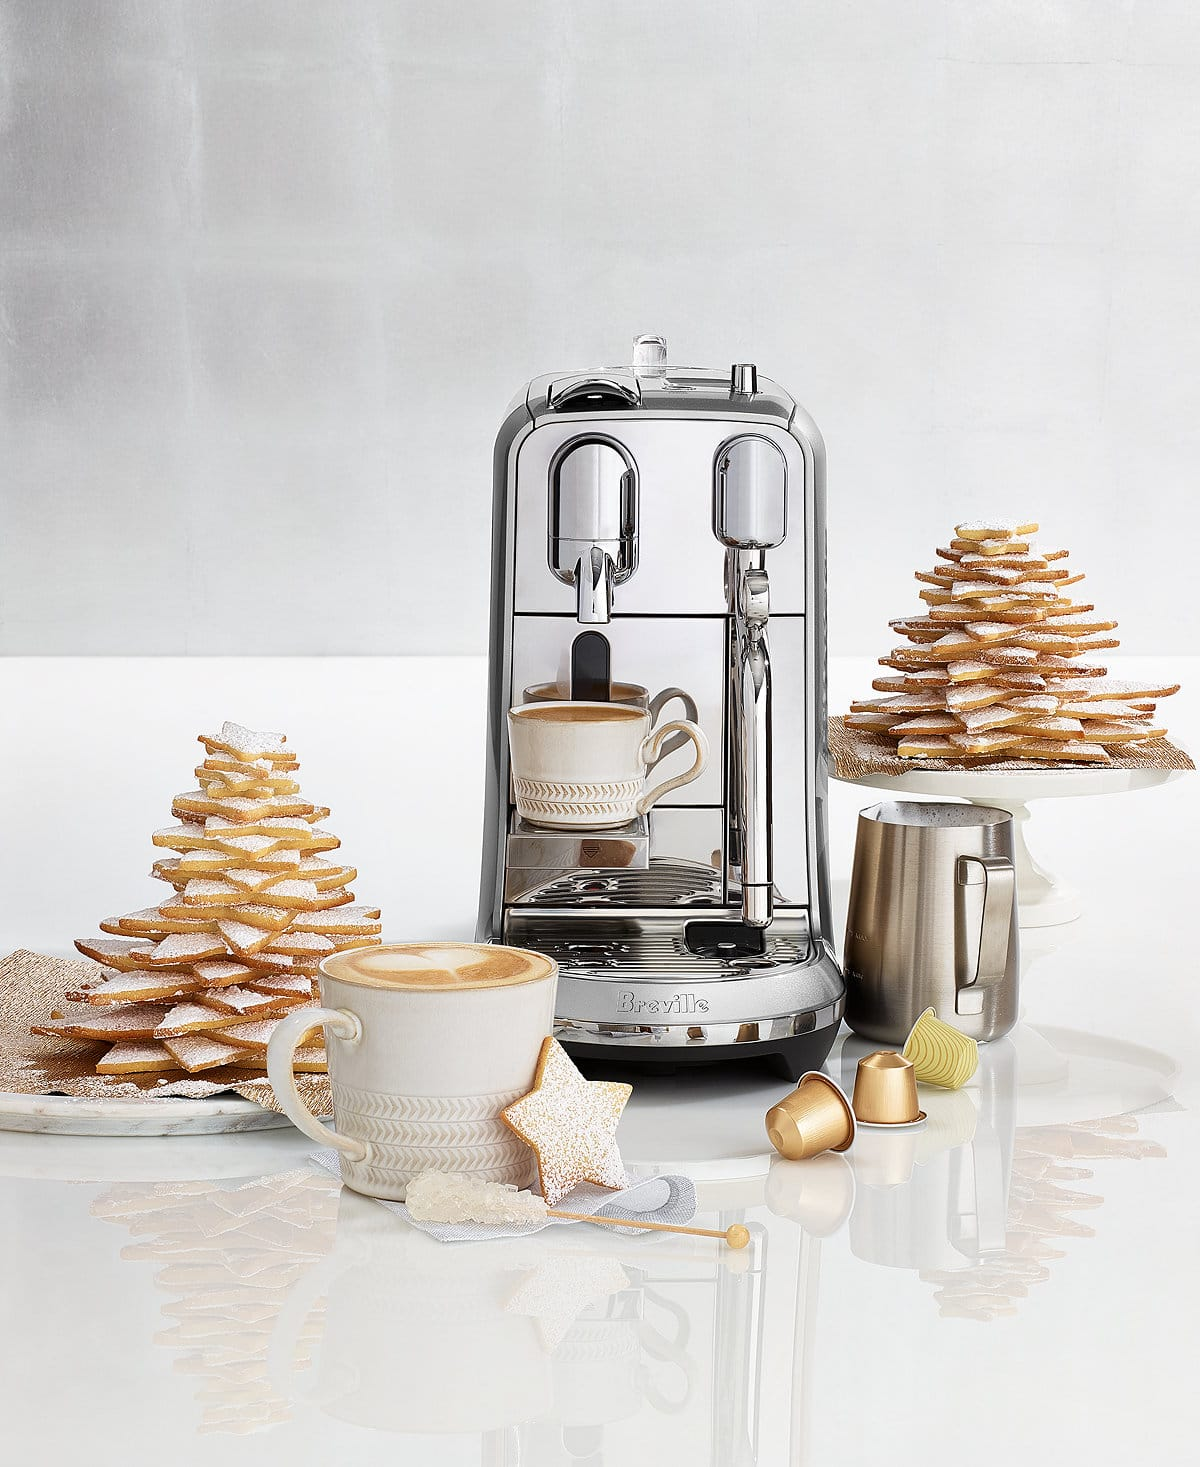 BNE800BSS Breville Nespresso Creatista Plus - Stainless Steel $330